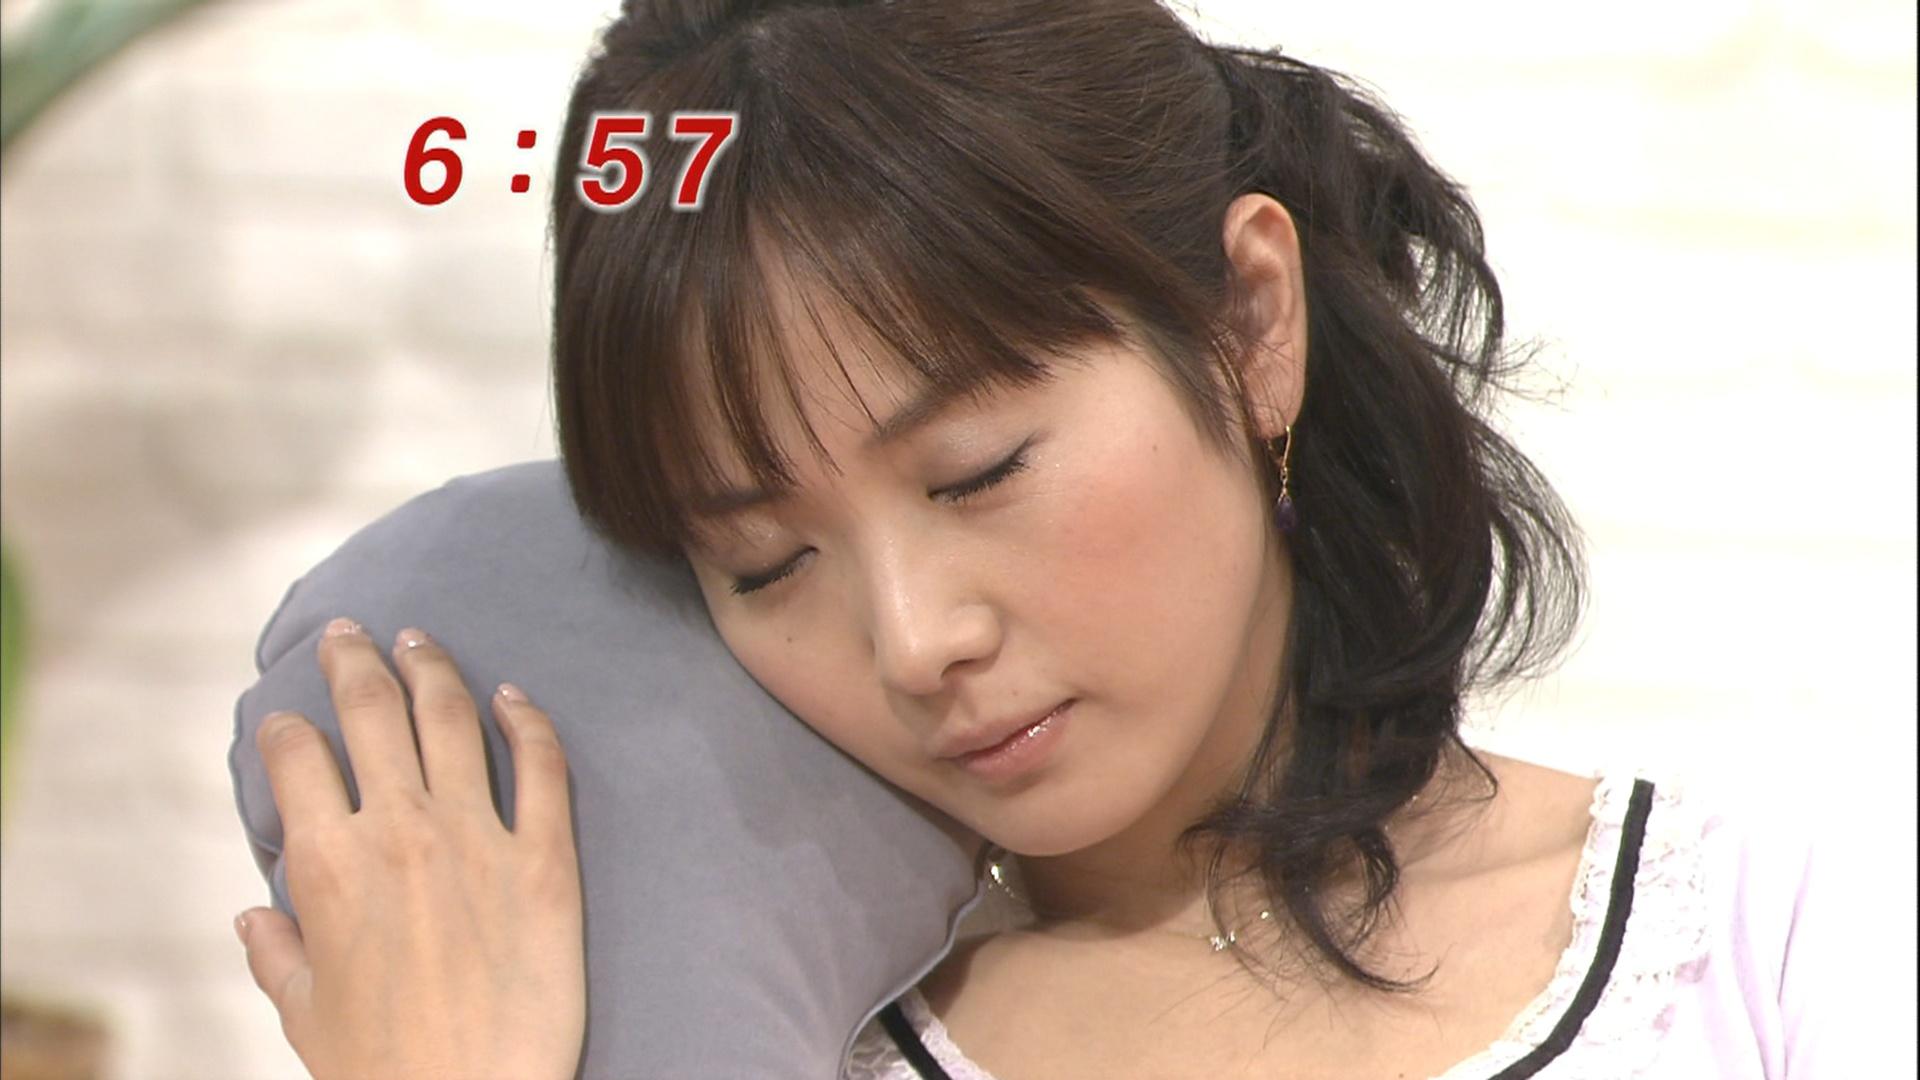 高島彩 めちゃくちゃきれいな寝顔キャプ画像(エロ・アイコラ画像)